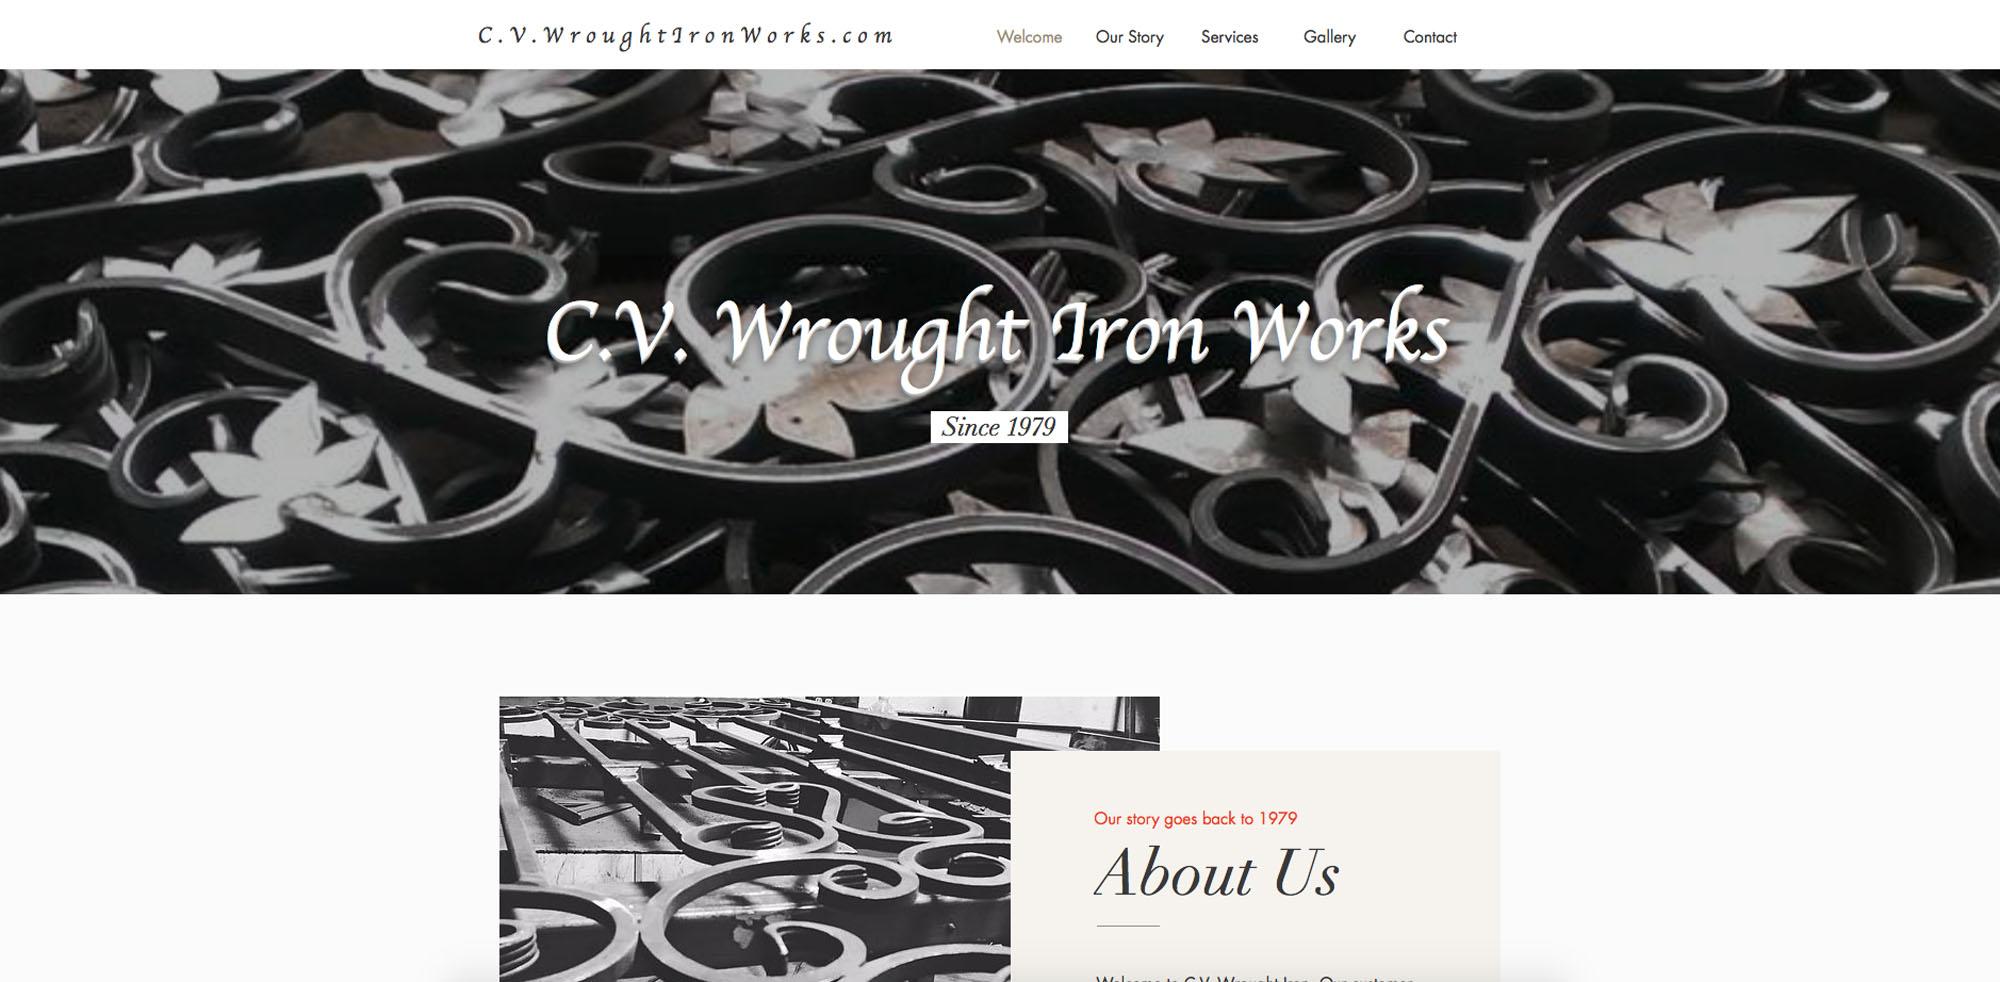 CV Wrought Iron